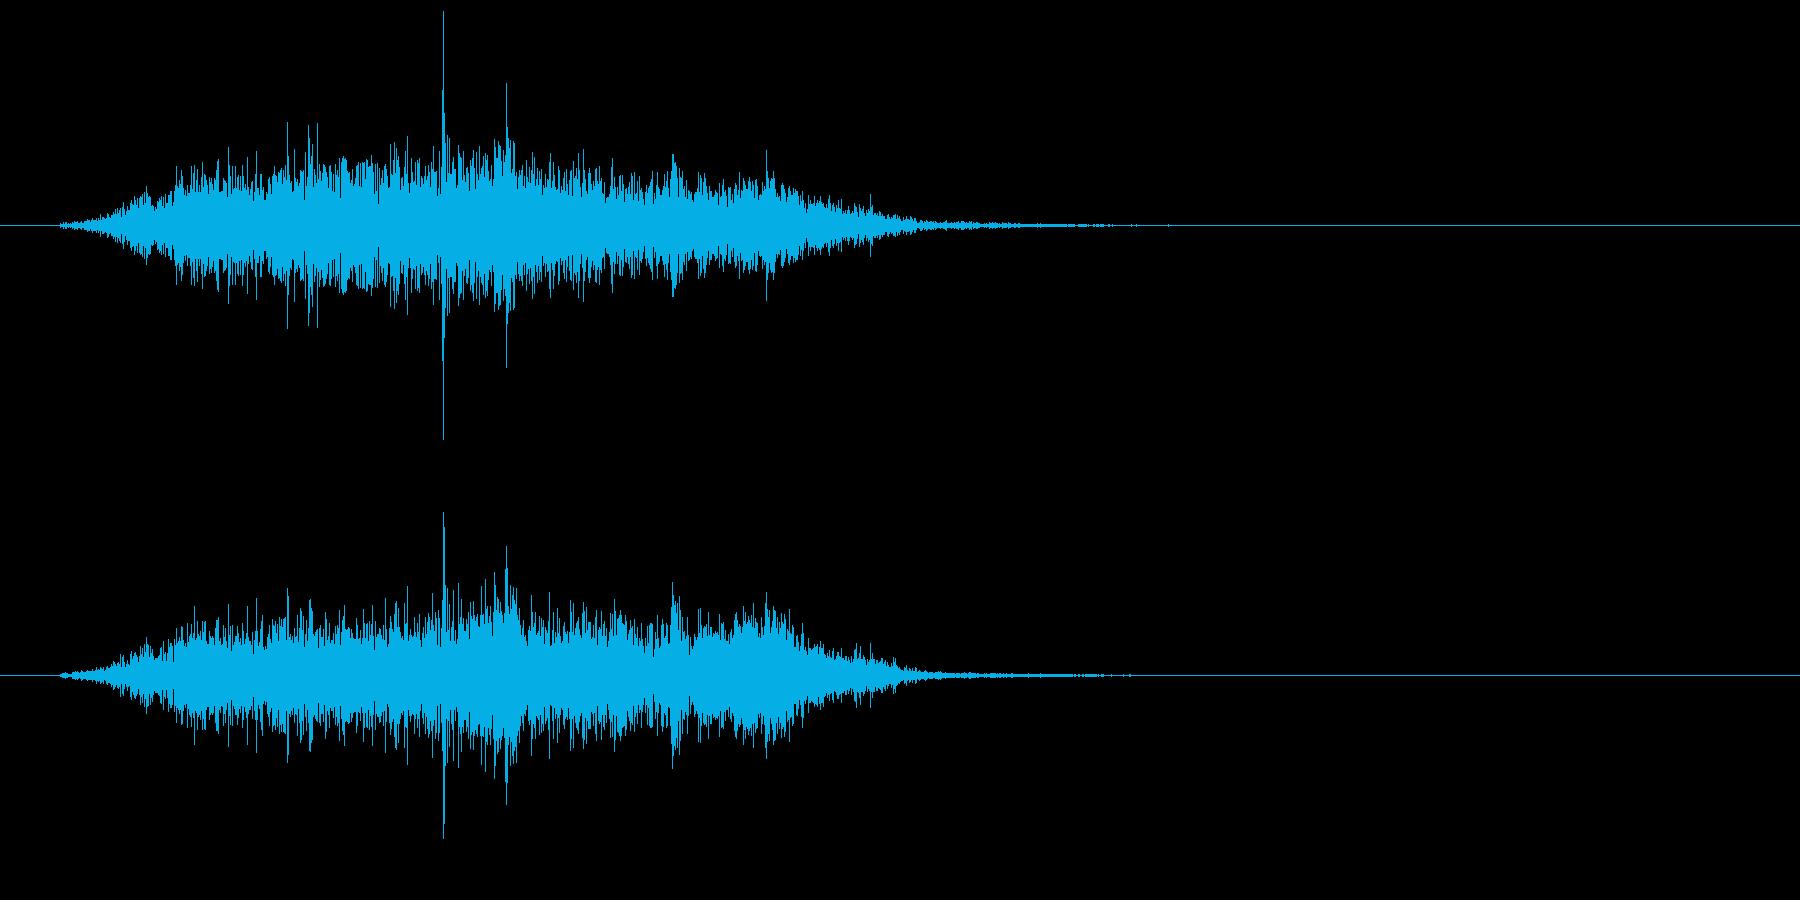 シュルルッ(巻き物、紙)の再生済みの波形